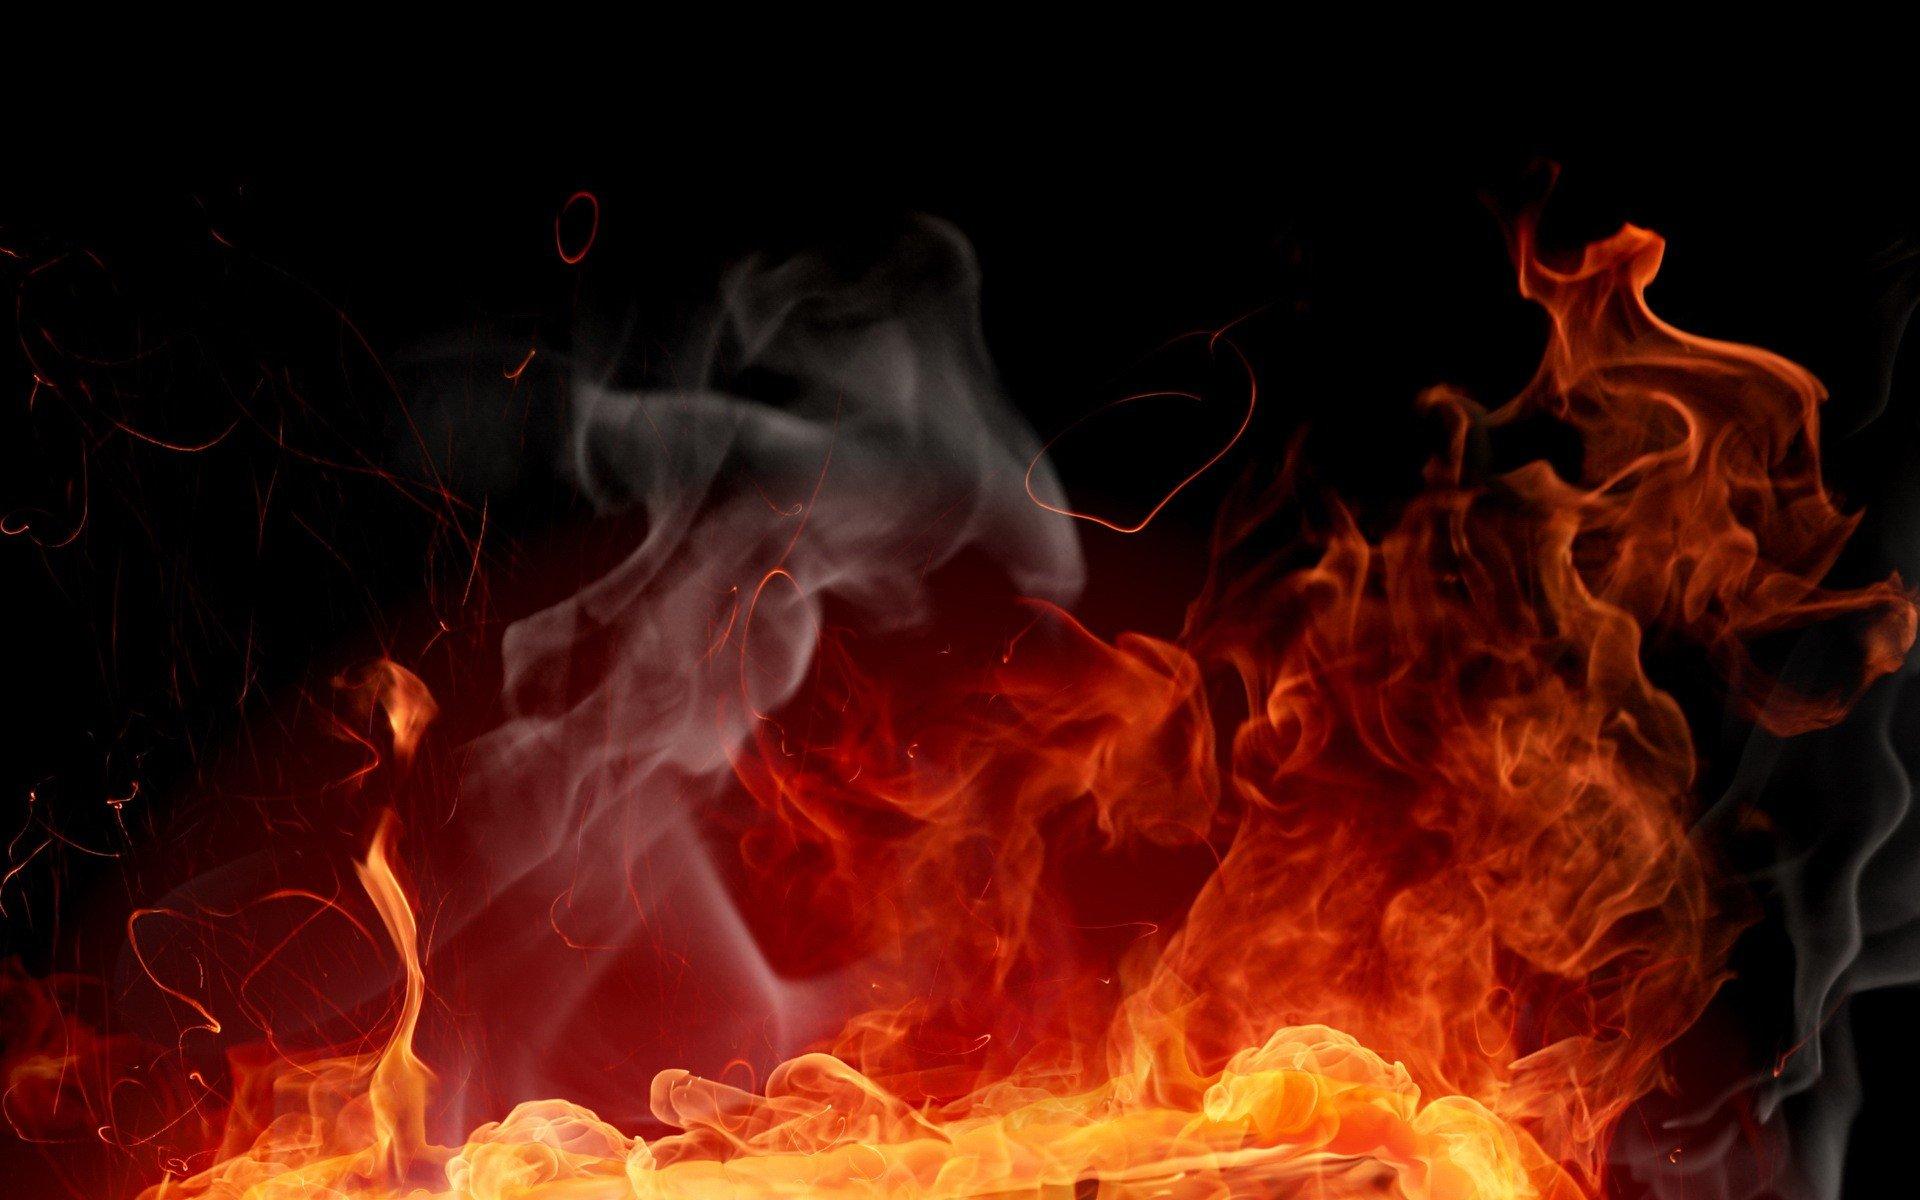 огня картинки скачать пламя с